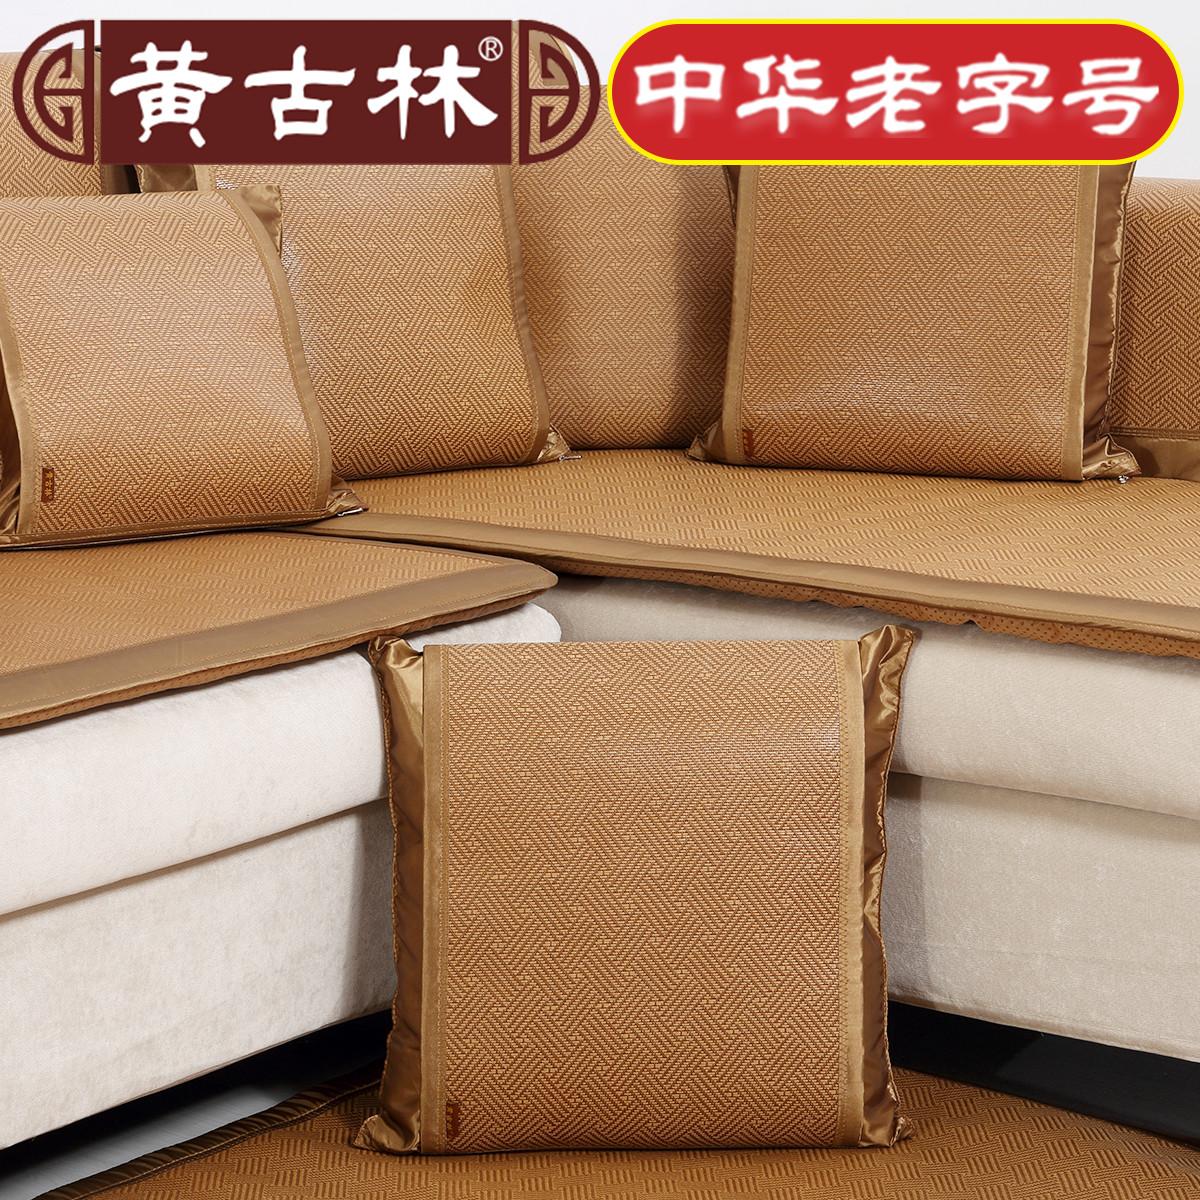 黄古林古藤靠垫套子不含芯单只沙发夏季中式背靠垫凉席床头抱枕套